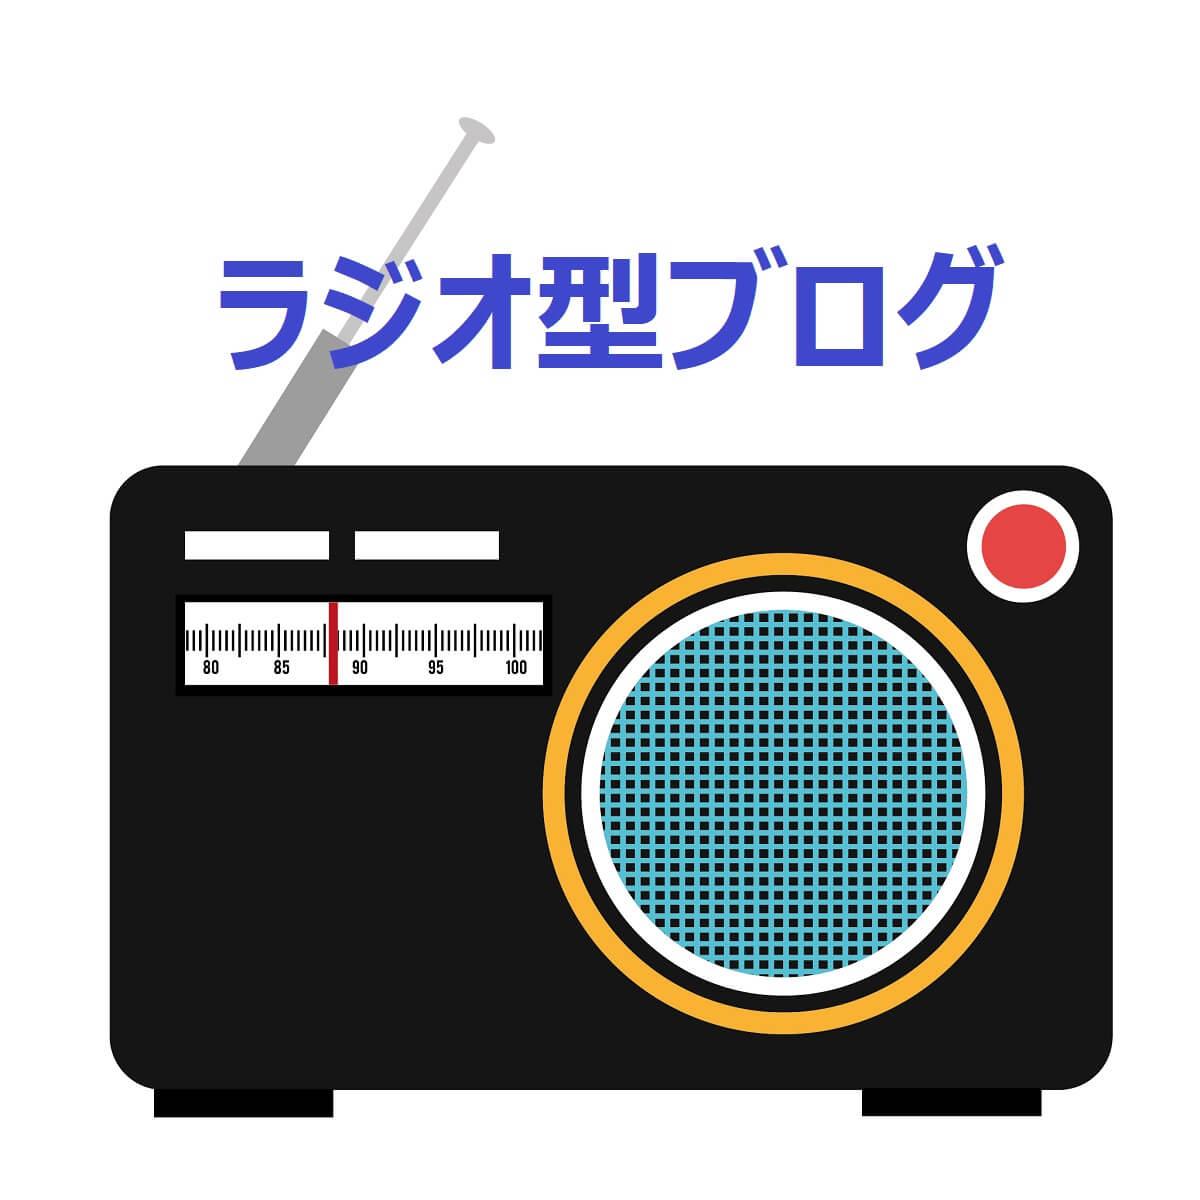 ラジオのイラスト。